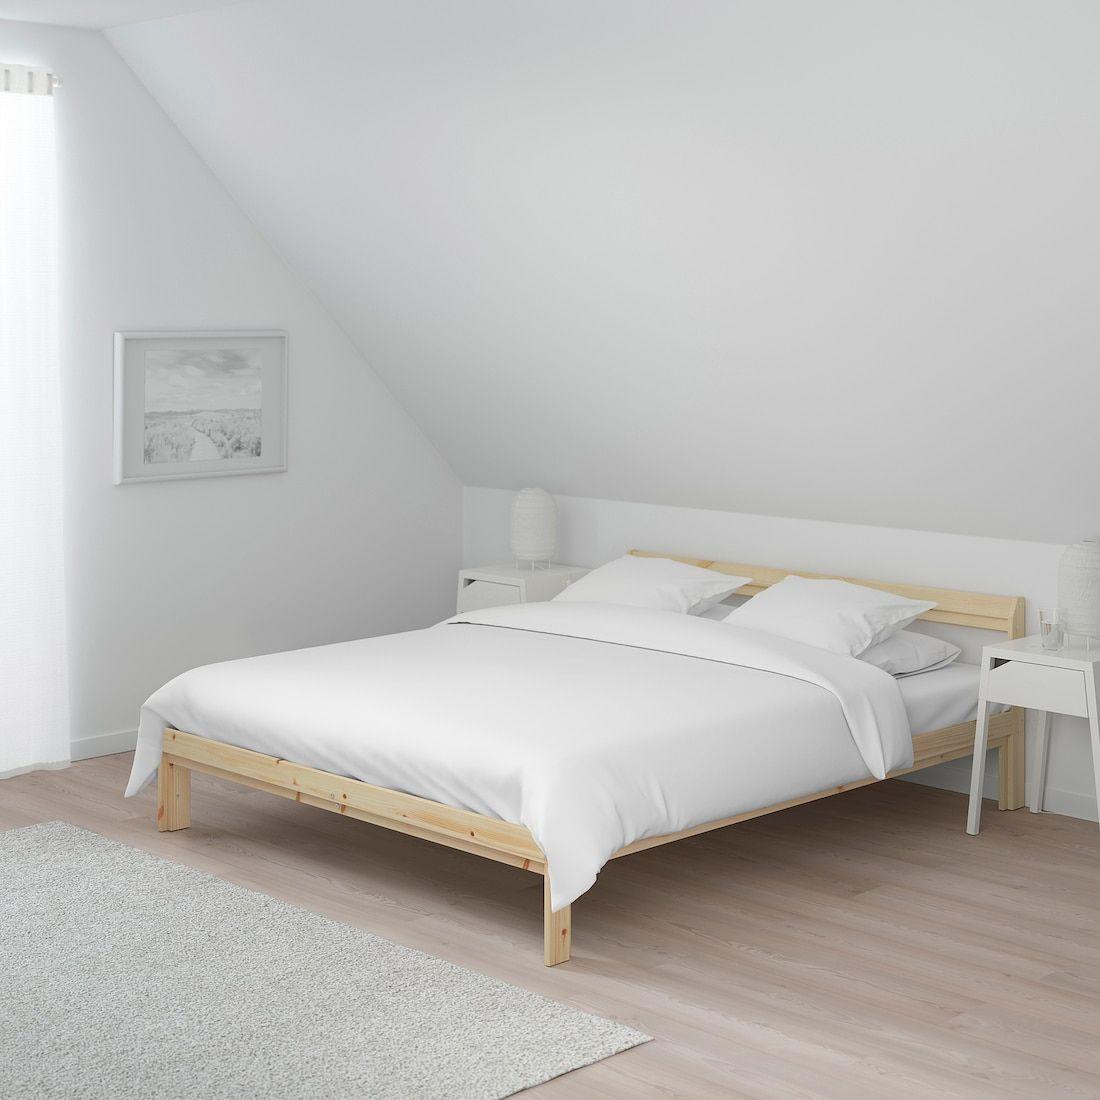 Ikea Neiden Bed Frame In 2020 Bed Frame Bed Slats Bed